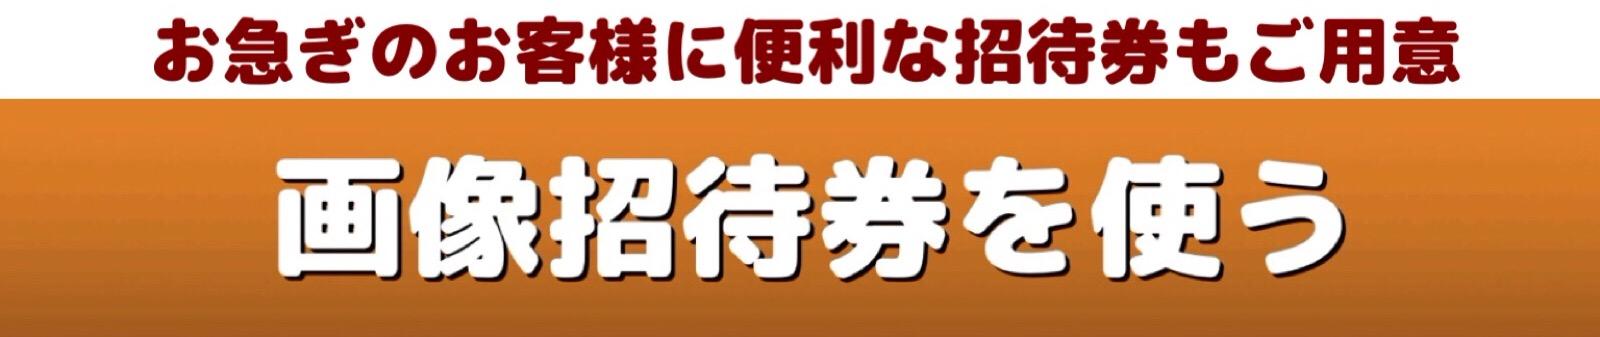 カリモク関東ショールーム特別招待券